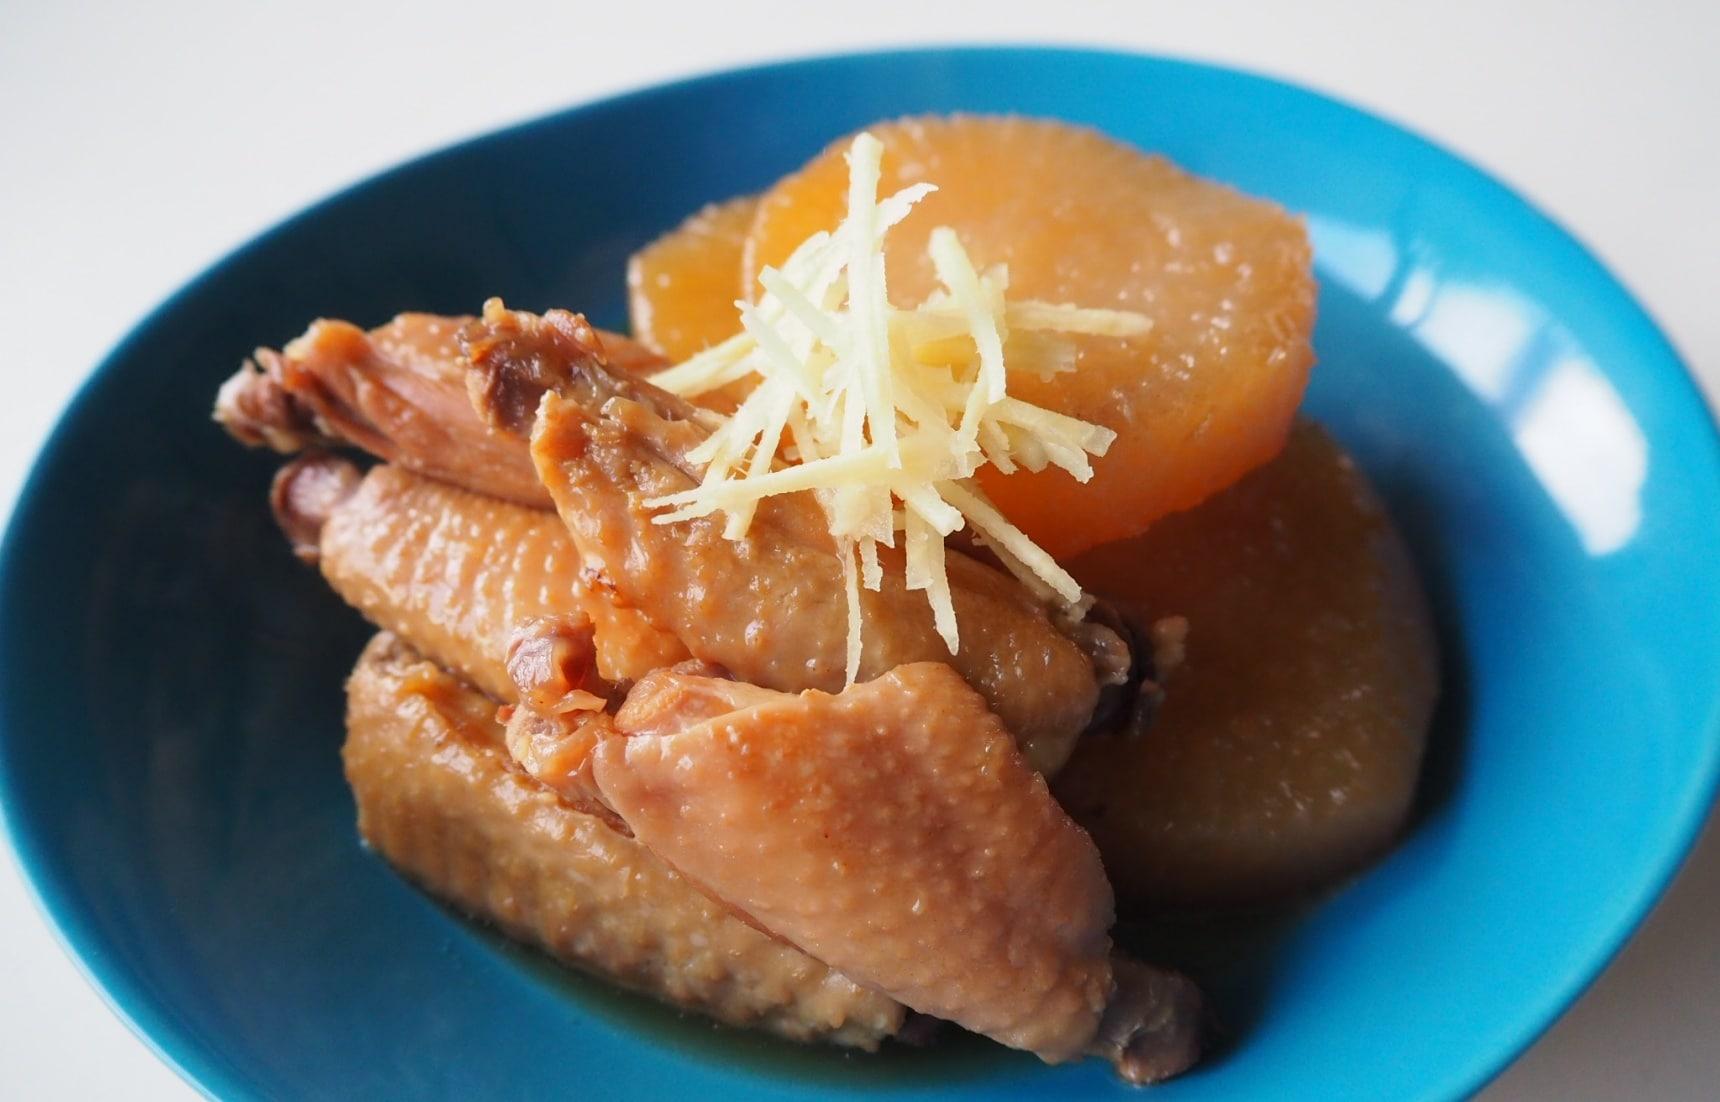 สูตรปีกไก่ต้มโชยุแบบญี่ปุ่น ทำง่ายๆได้ที่บ้าน